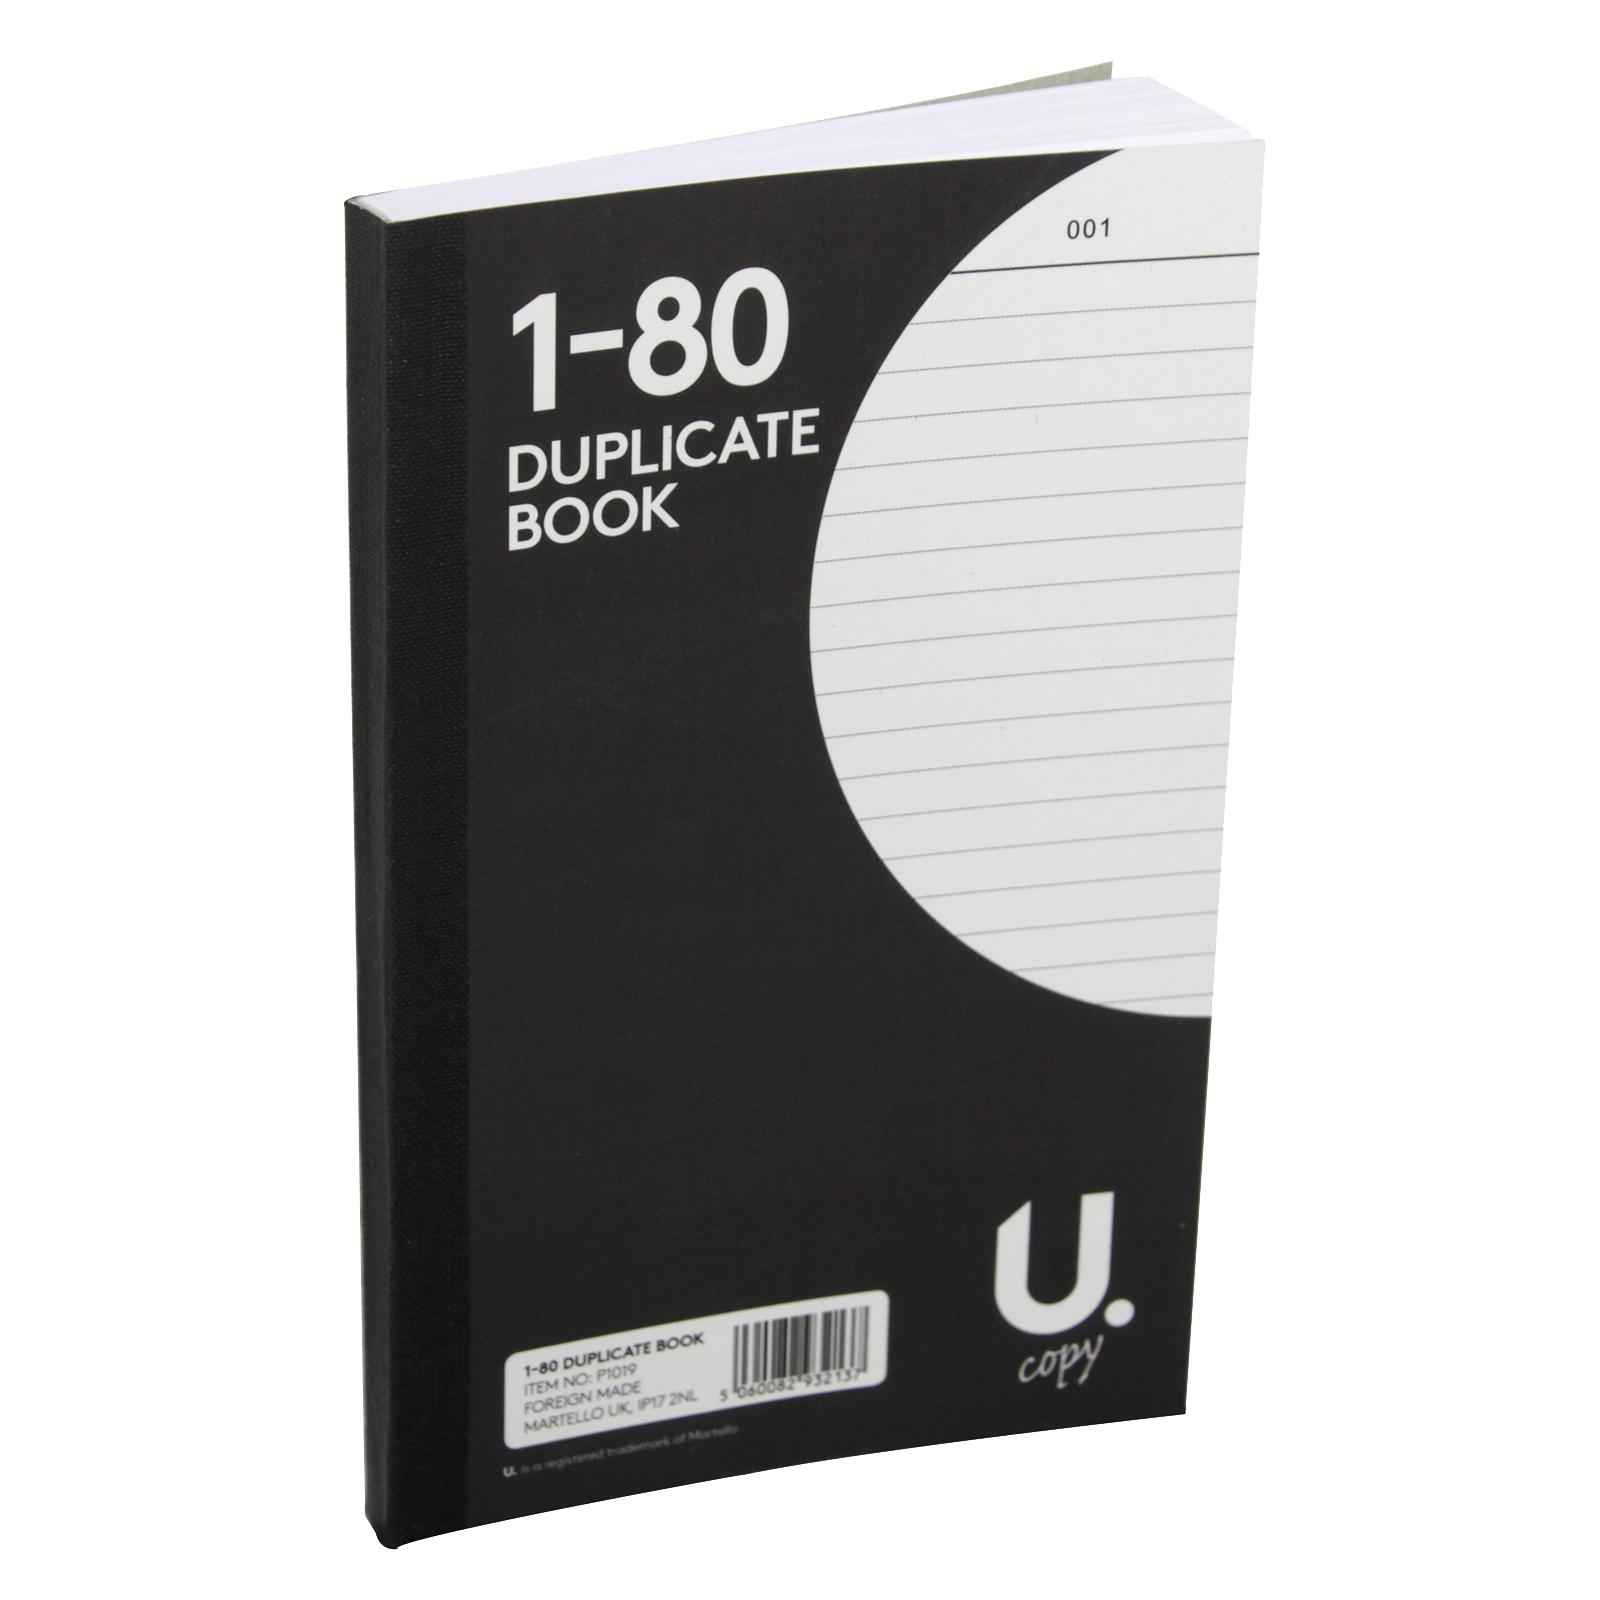 PENNINE DUPLICATE BOOK 1-80 X12